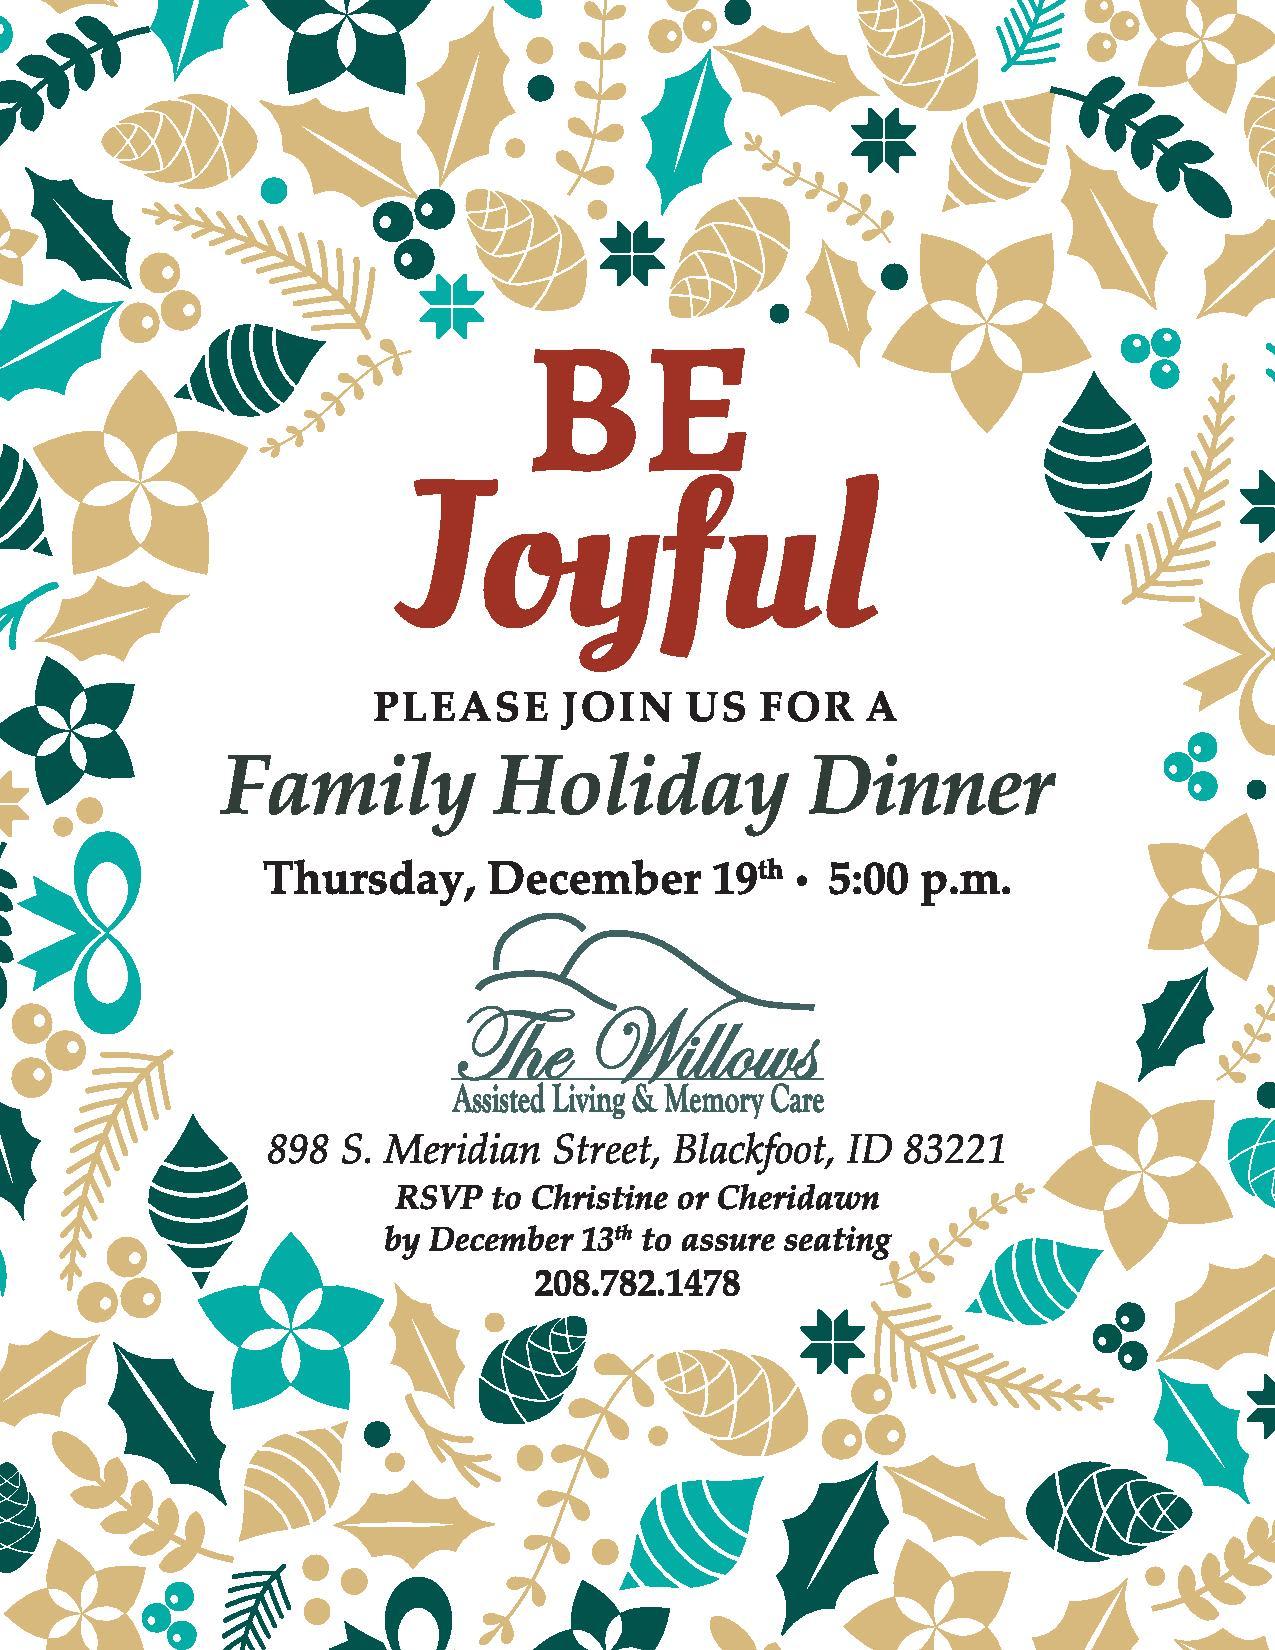 A flyer for The Willow's Be Joyful Family Dinner on Thursday, December 19 at 5 p.m.